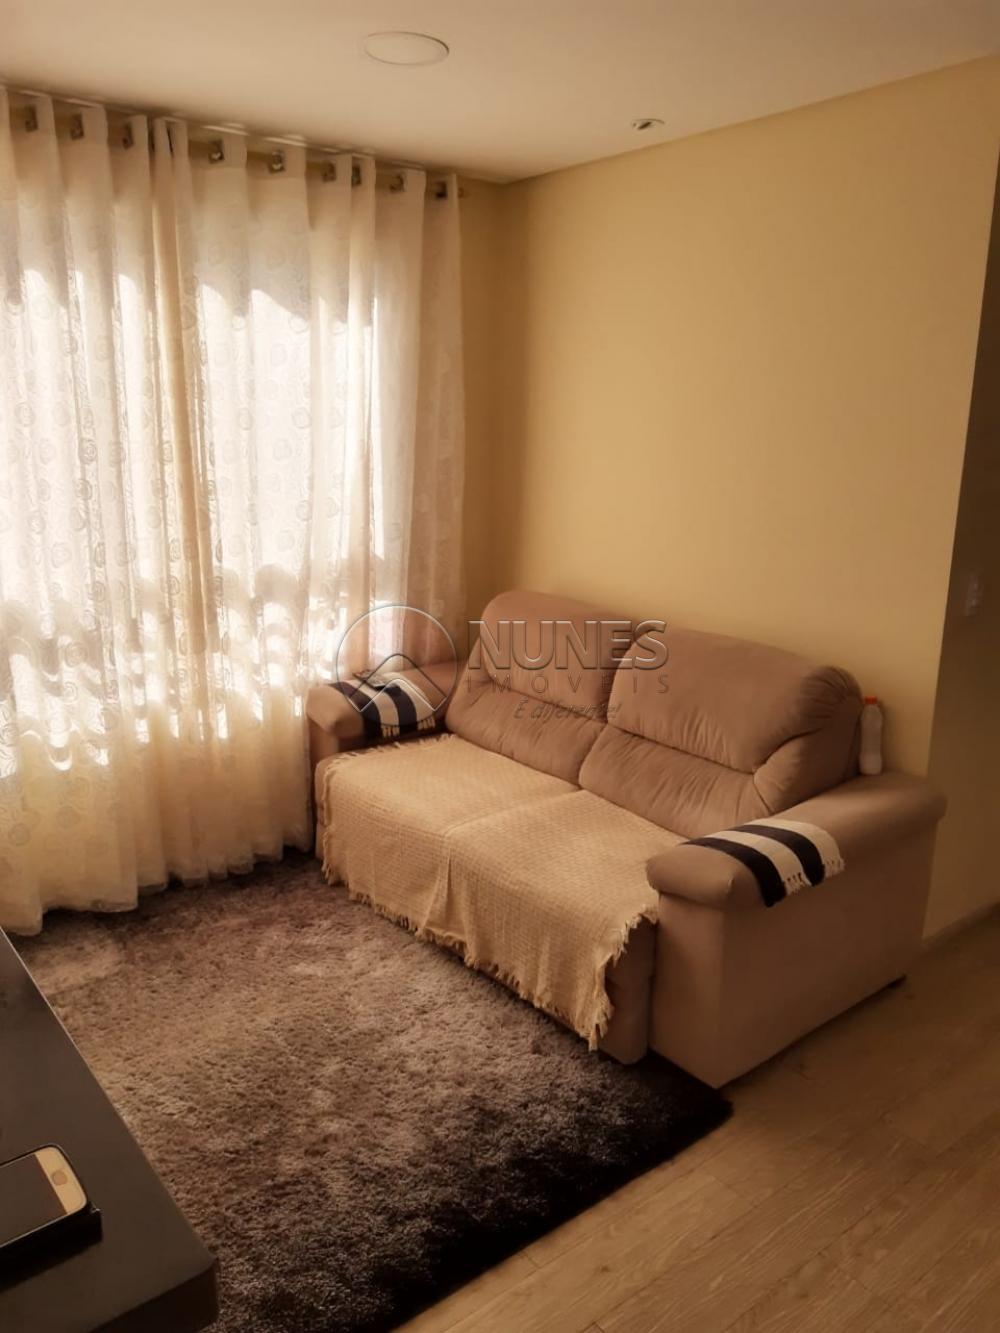 Comprar Apartamento / Padrão em Barueri apenas R$ 280.000,00 - Foto 2